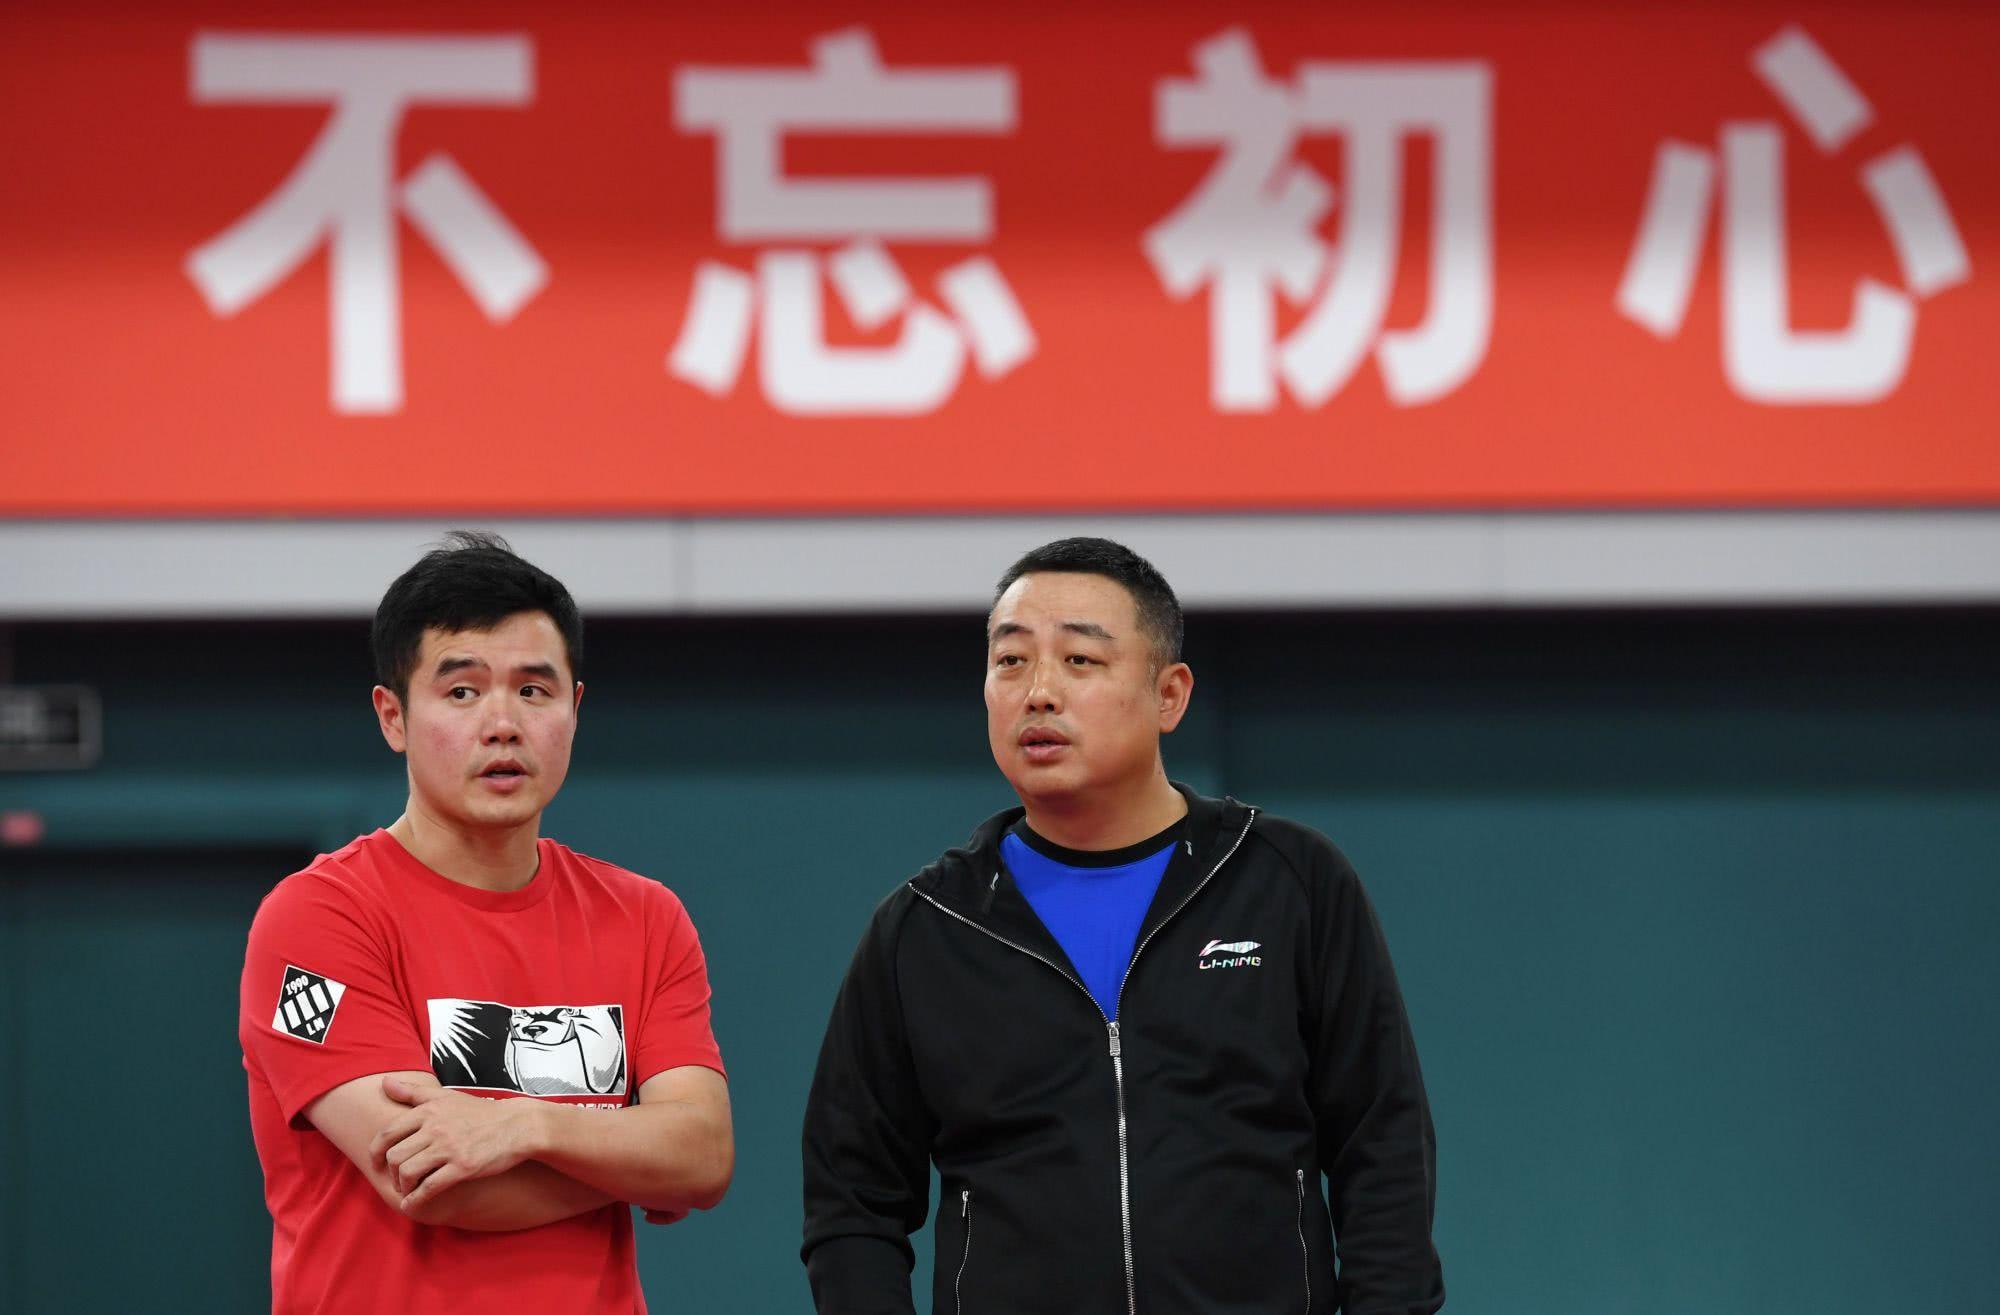 世乒赛延期对国乒影响有多大?为奥运会动身